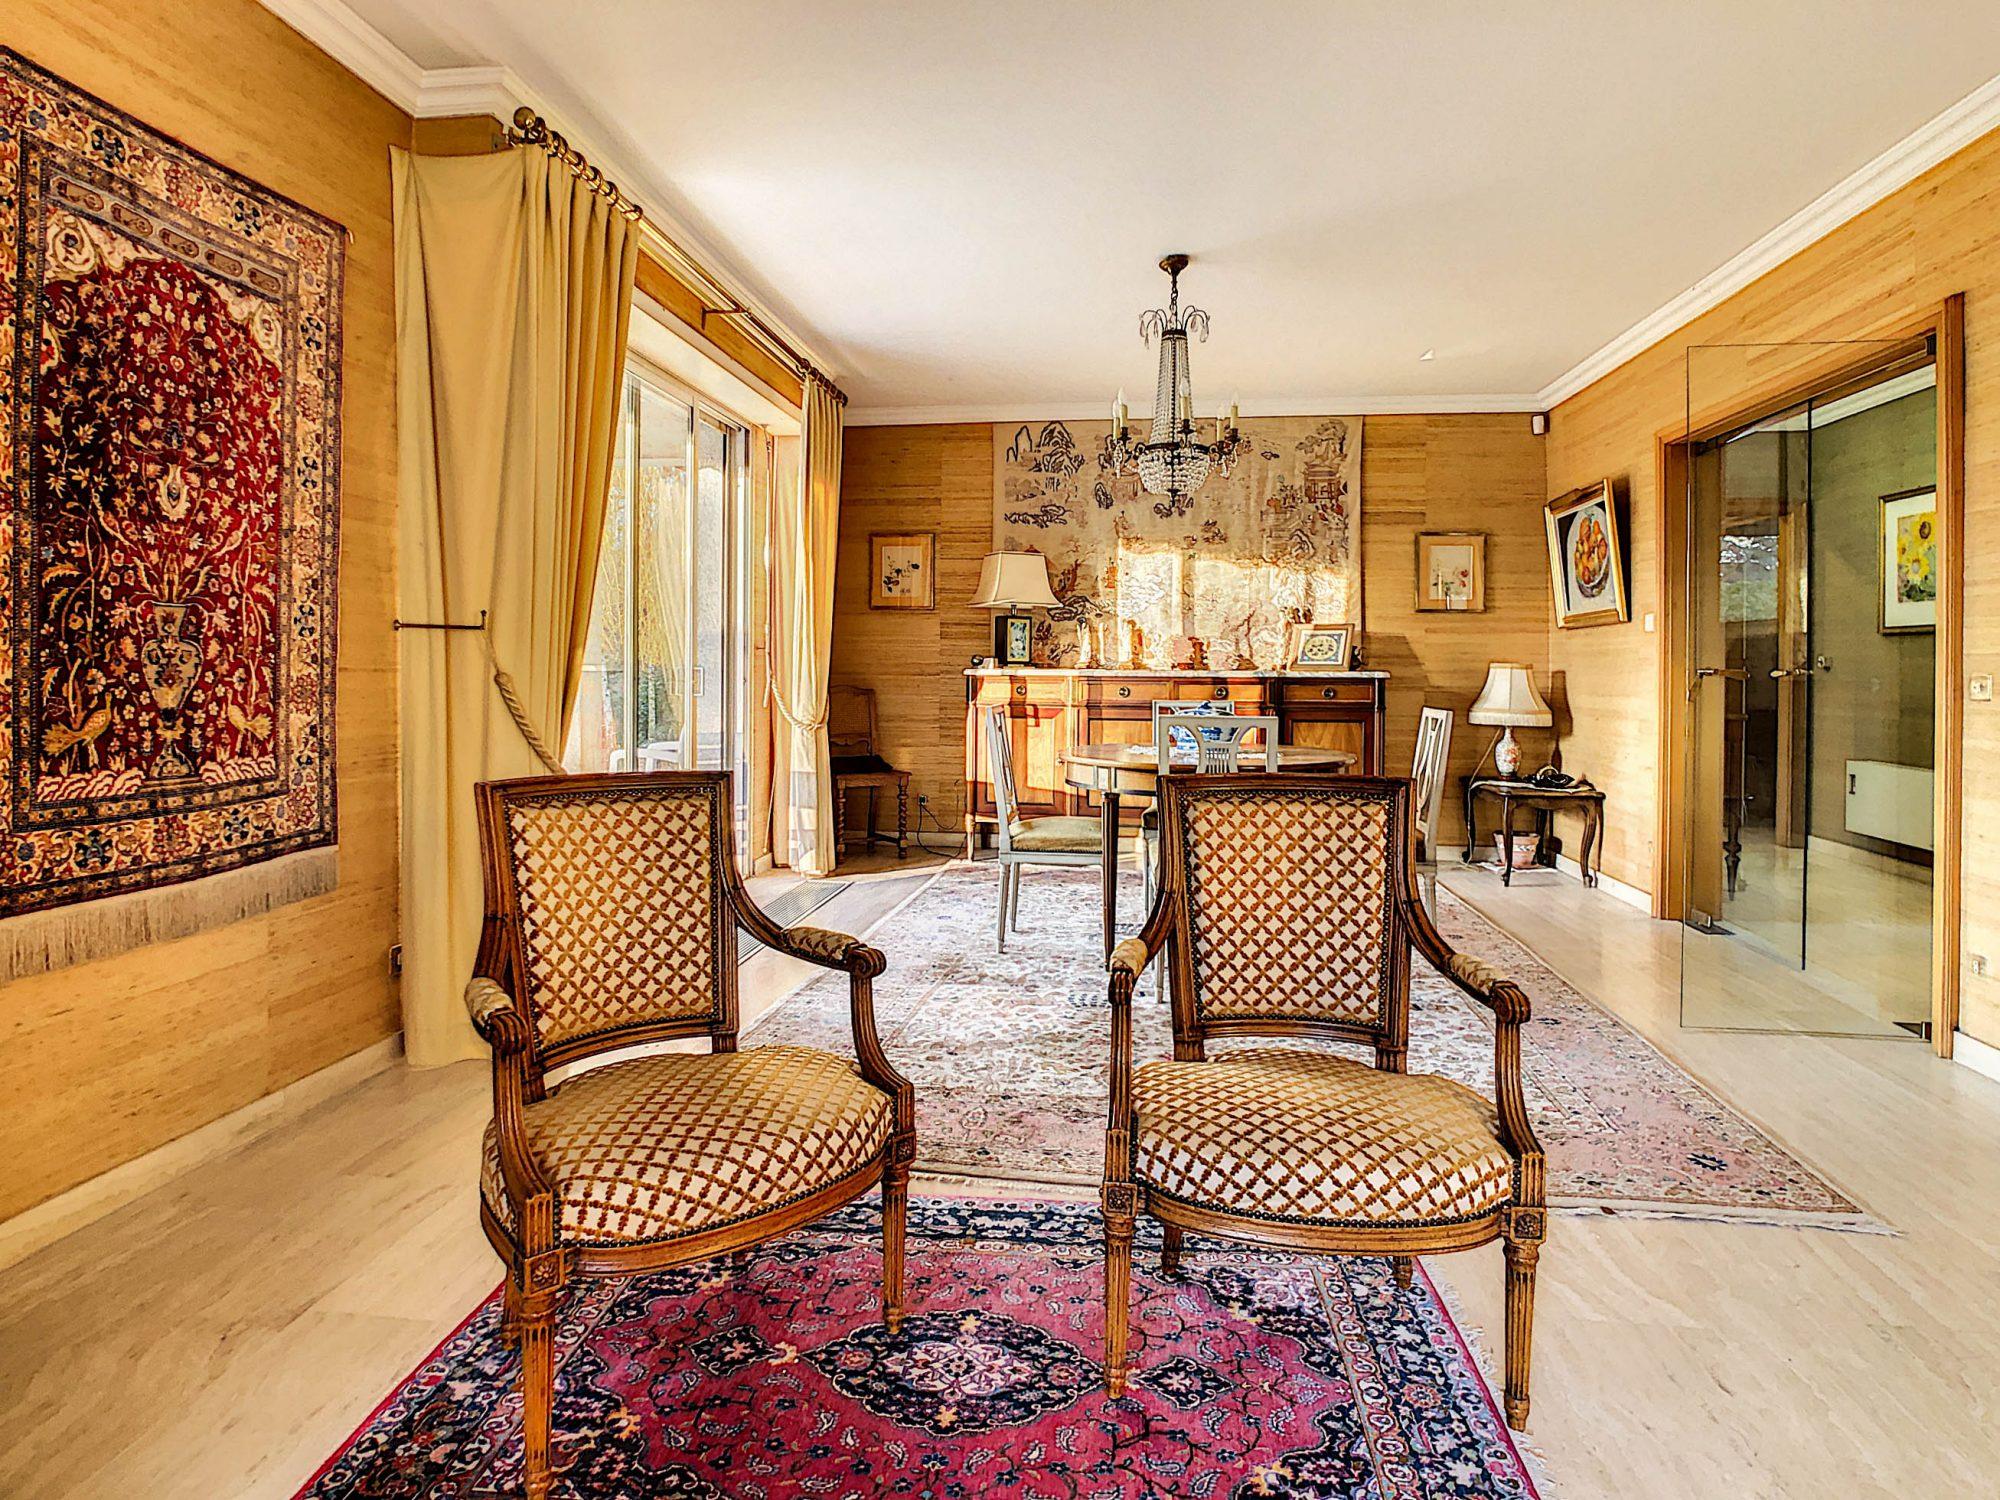 Maison individuelle 8 pièces de 250m2 à Illkirch-Graffenstaden - Devenez propriétaire en toute confiance - Bintz Immobilier - 7